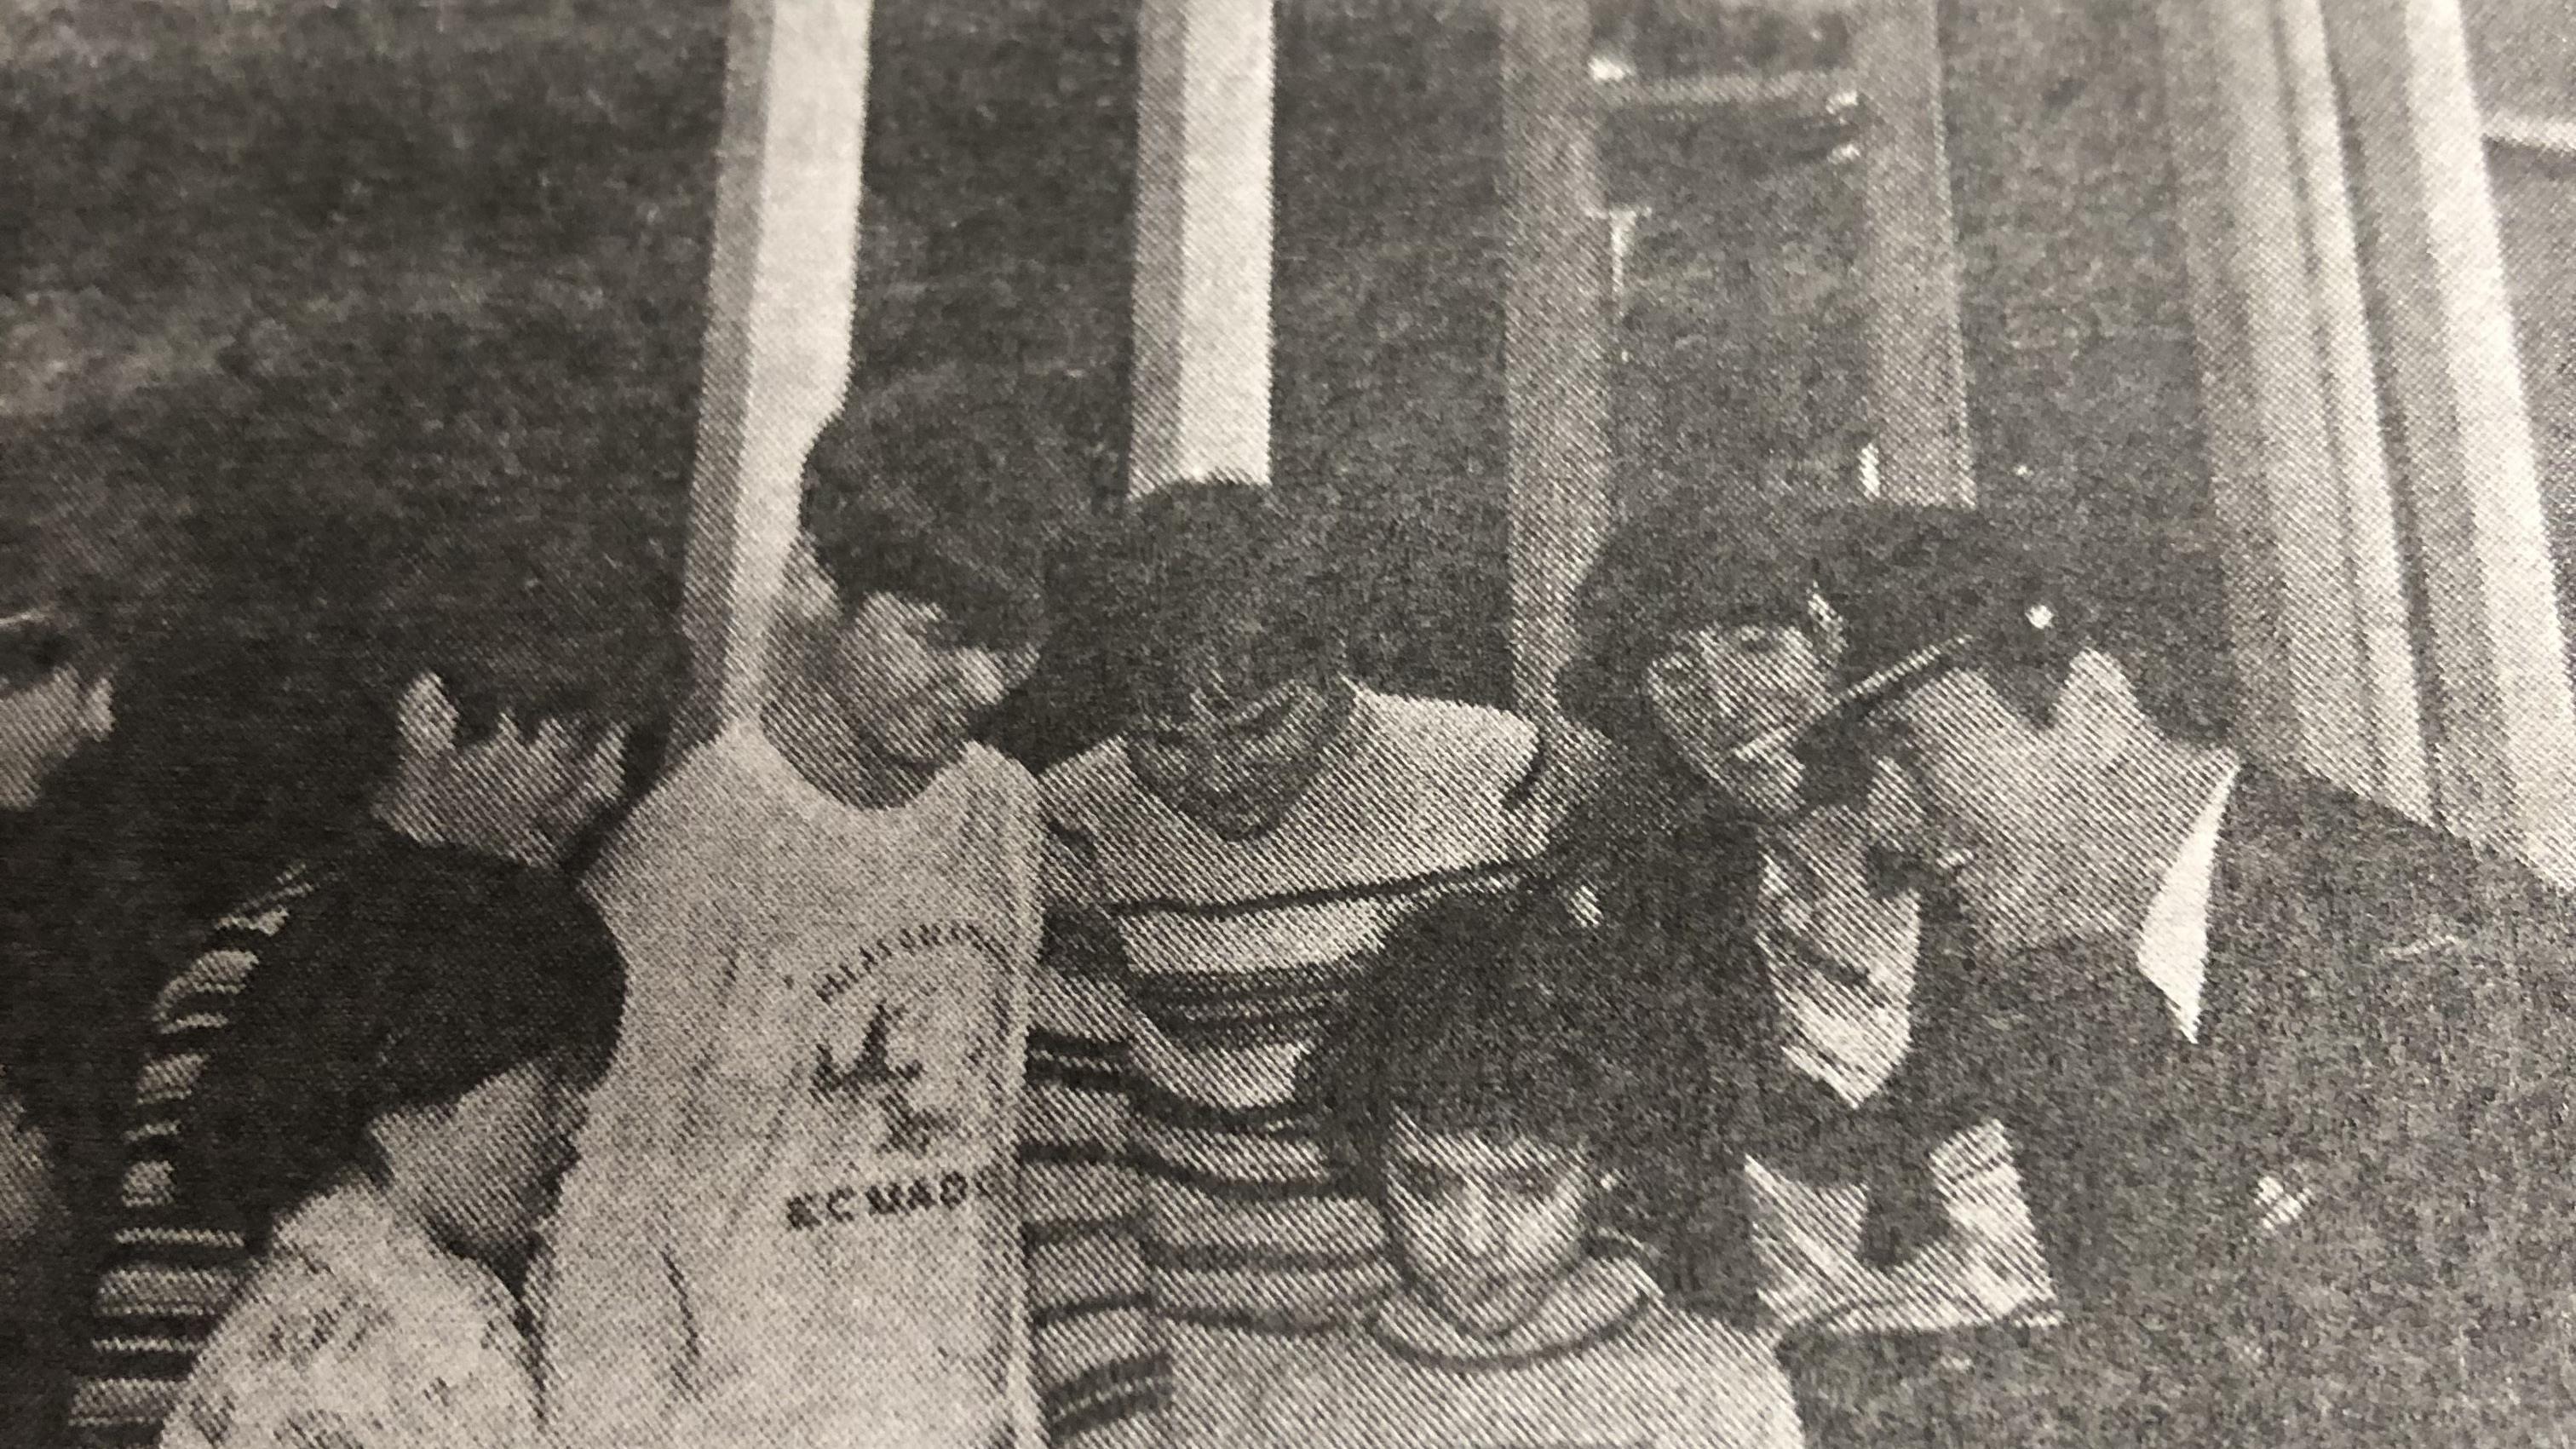 Photo du journal Lookout de la base militaire montrant des enfants et un officier.